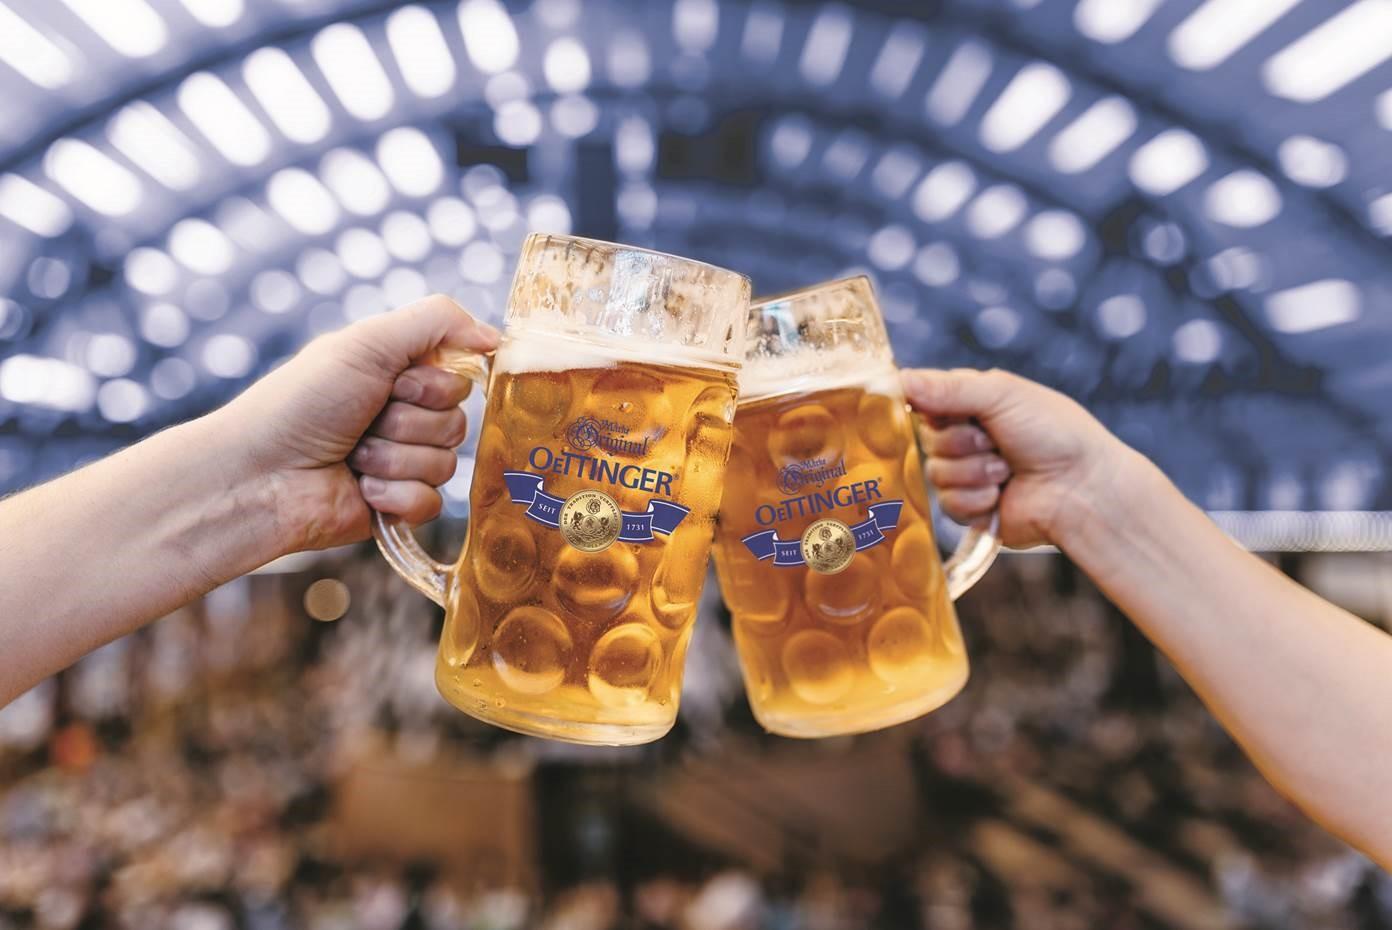 [REAL] Original Oettinger Bier in vielen verschiedenen Sorten für nur 4,99 EUR Ab 2 Kästen